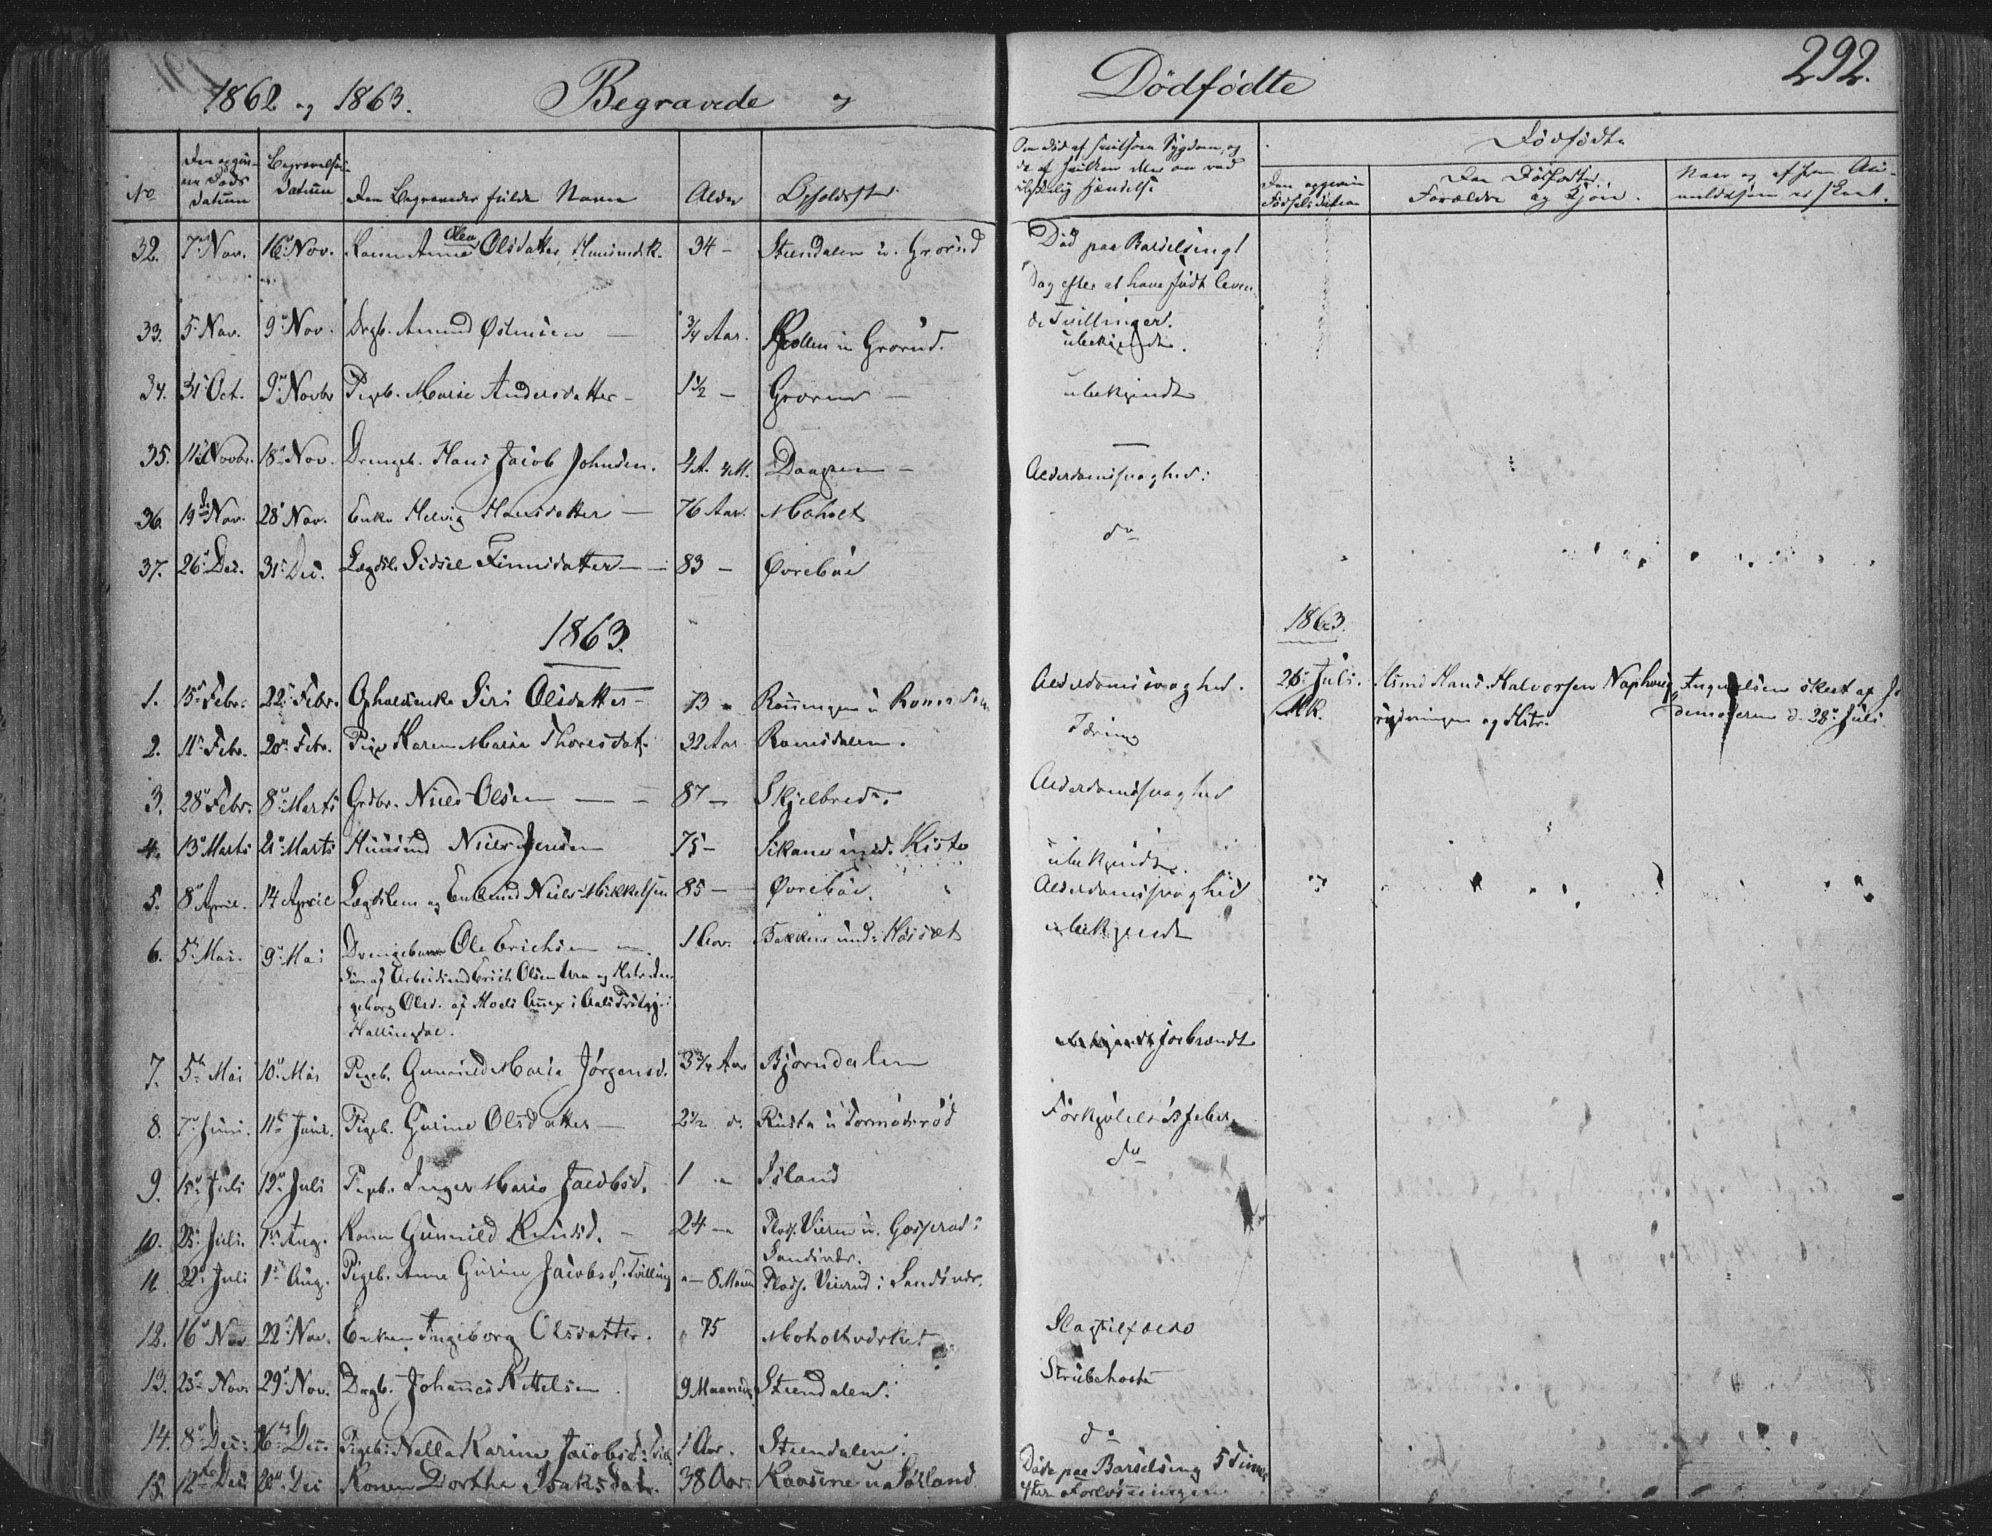 SAKO, Siljan kirkebøker, F/Fa/L0001: Ministerialbok nr. 1, 1831-1870, s. 292